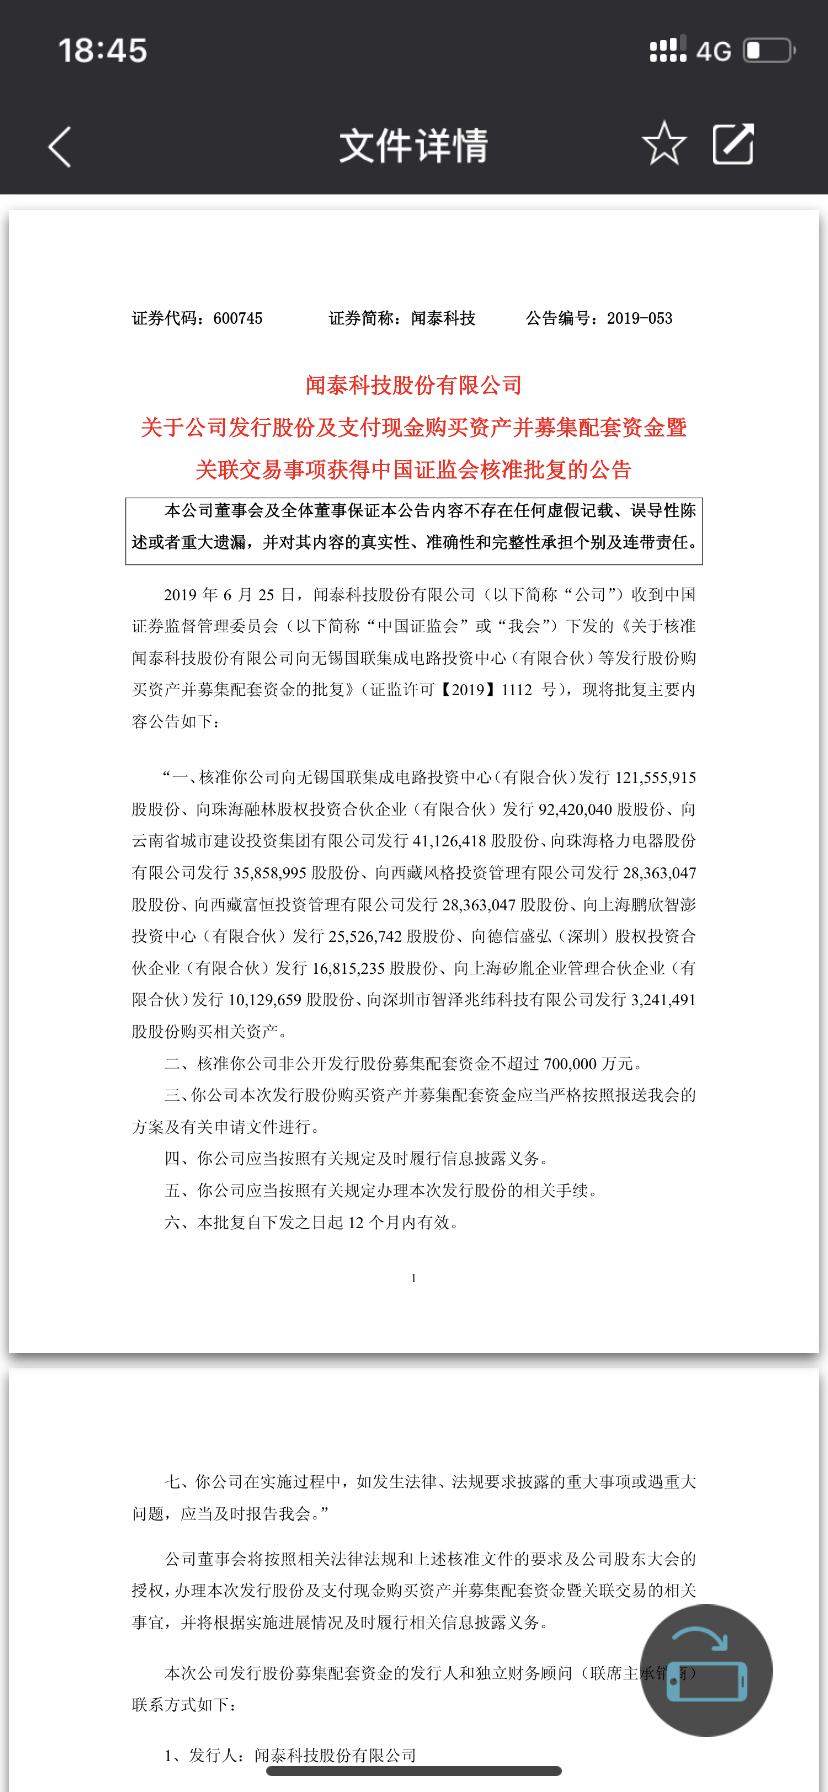 手机 ODM 厂商闻泰收购安世获批,将拥有半导体完整产业链